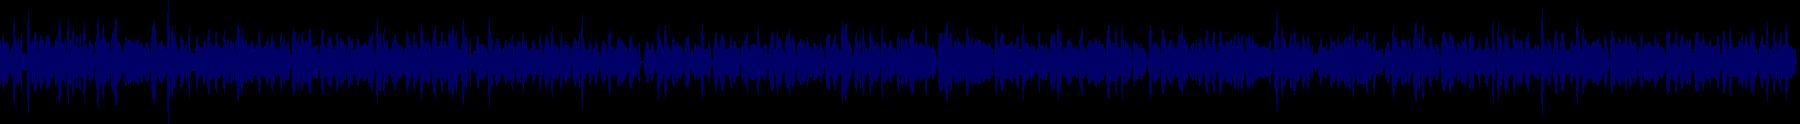 waveform of track #72973